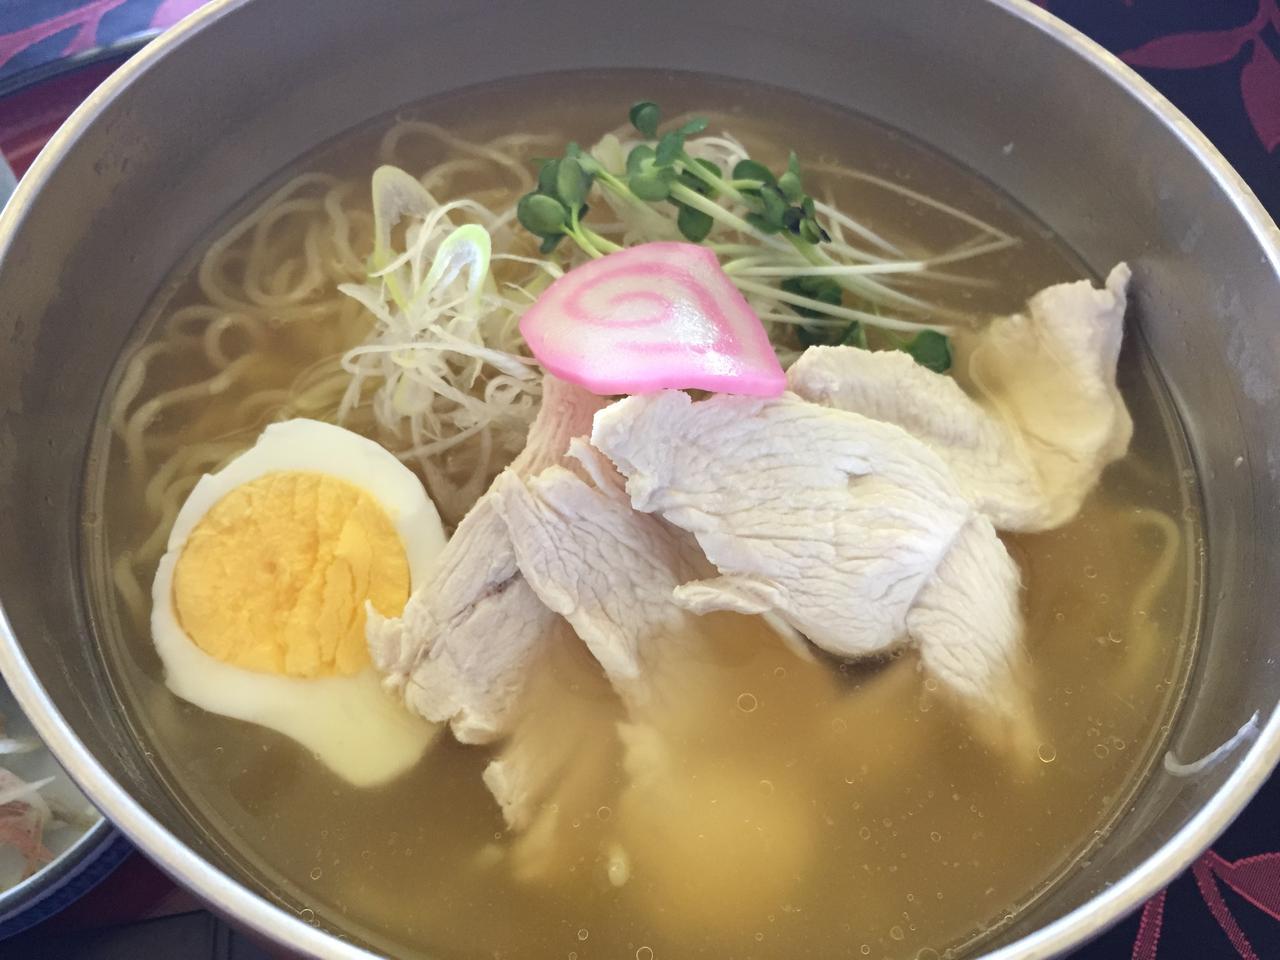 画像: 鶏ガラと塩あっさりスープが楽しめる!冷やし塩ラーメン@西宮六甲ゴルフ倶楽部 - みんなのゴルフダイジェスト